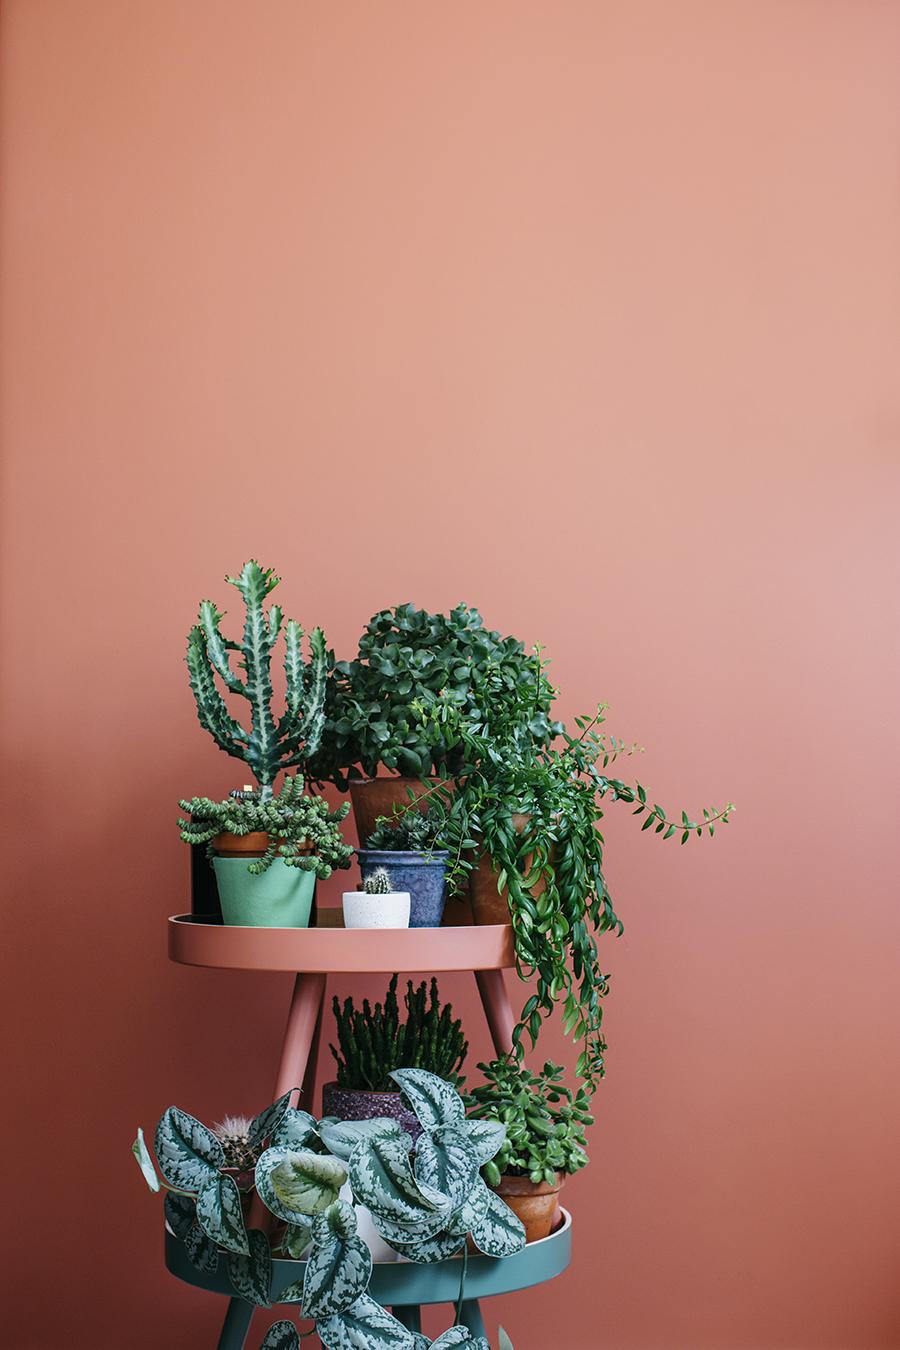 comment amenager un petit coin pour ses plantes ? - les